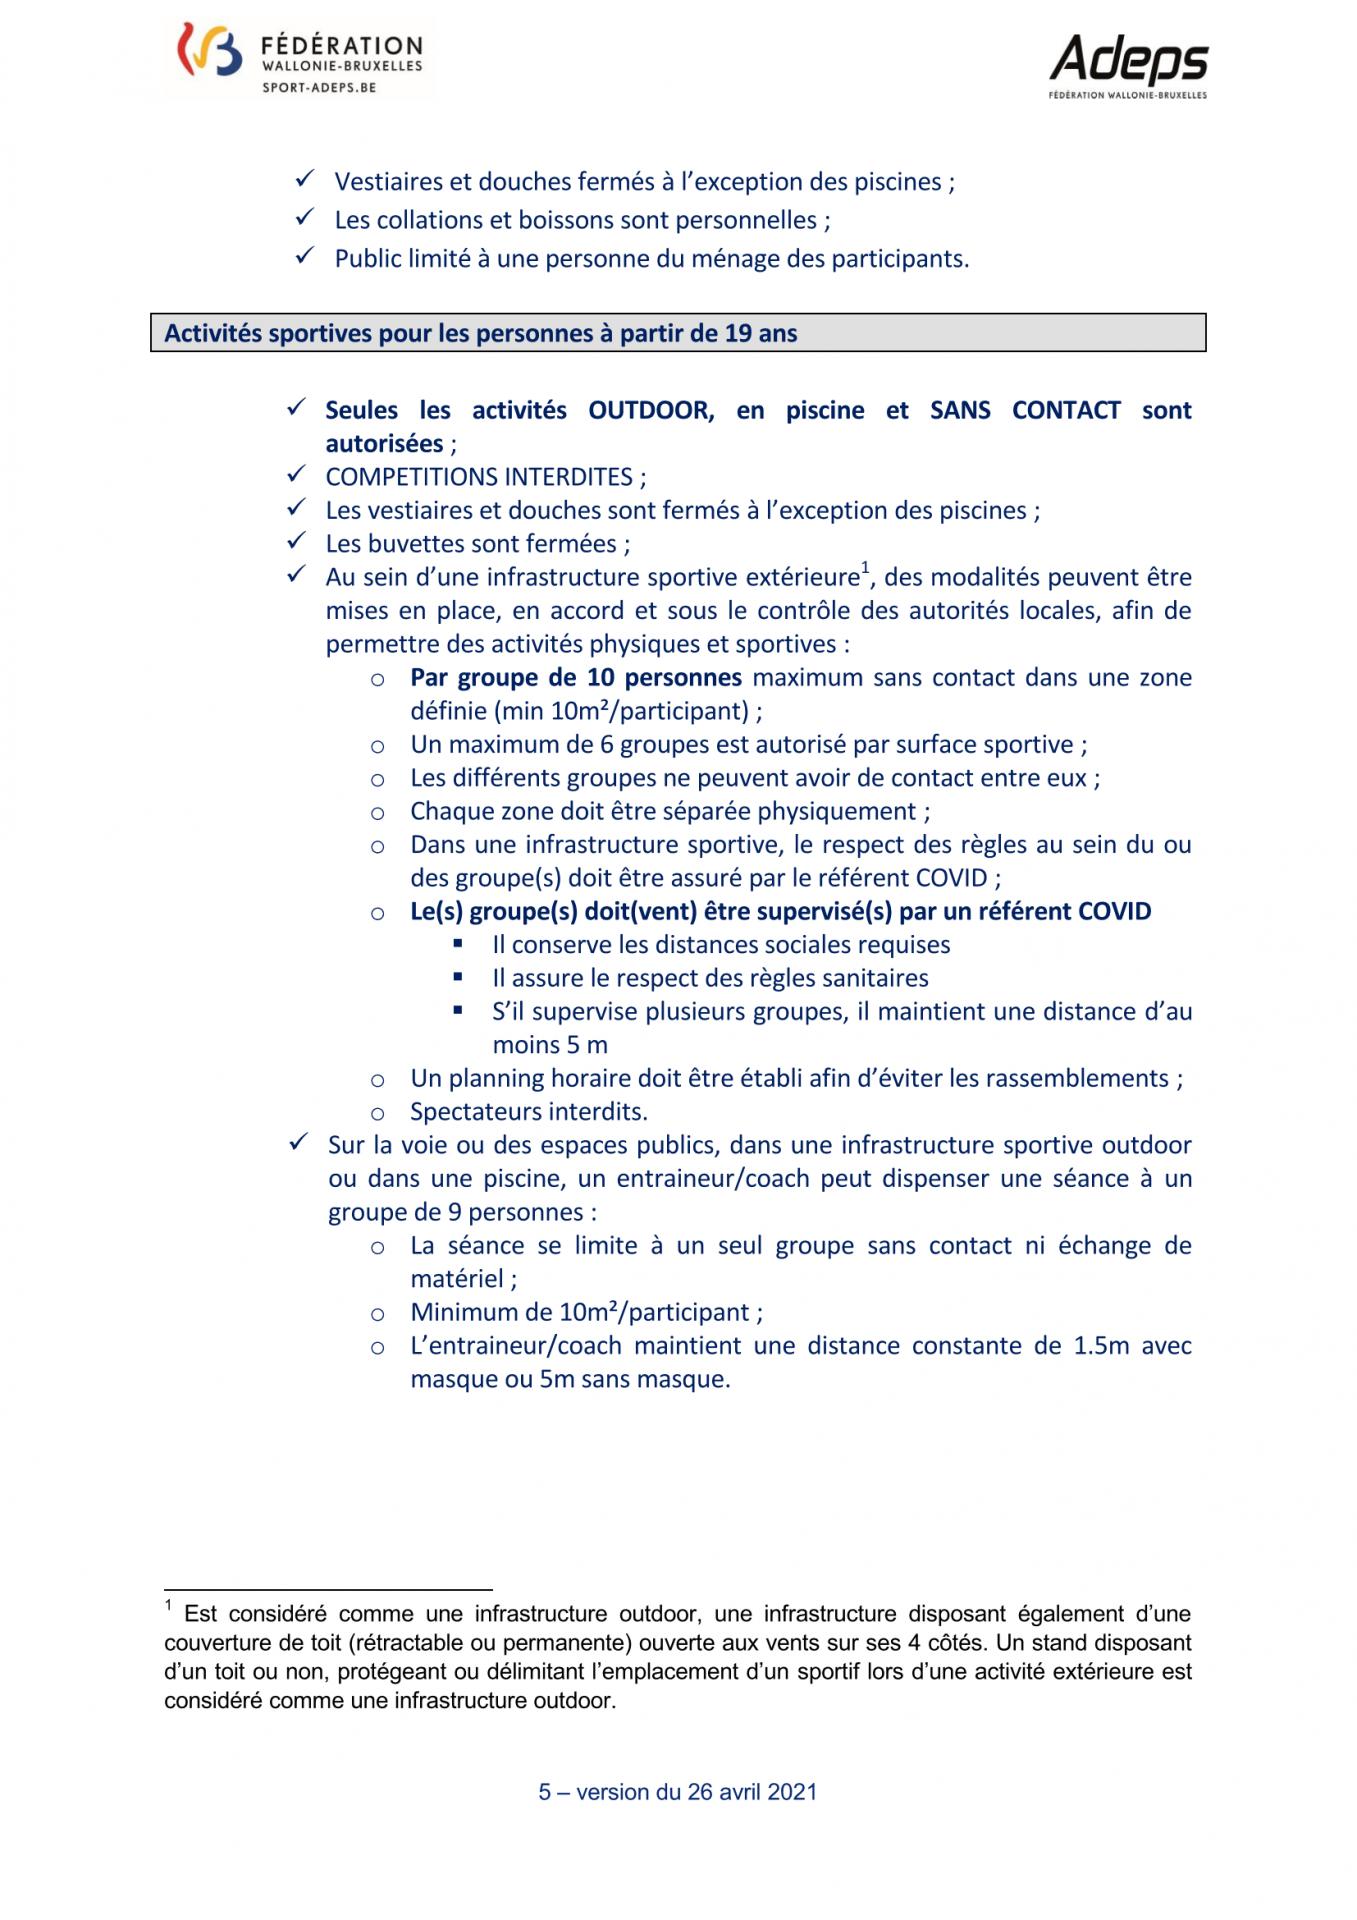 Protocole activites physiques et sportives 26 avril 2021 page 9